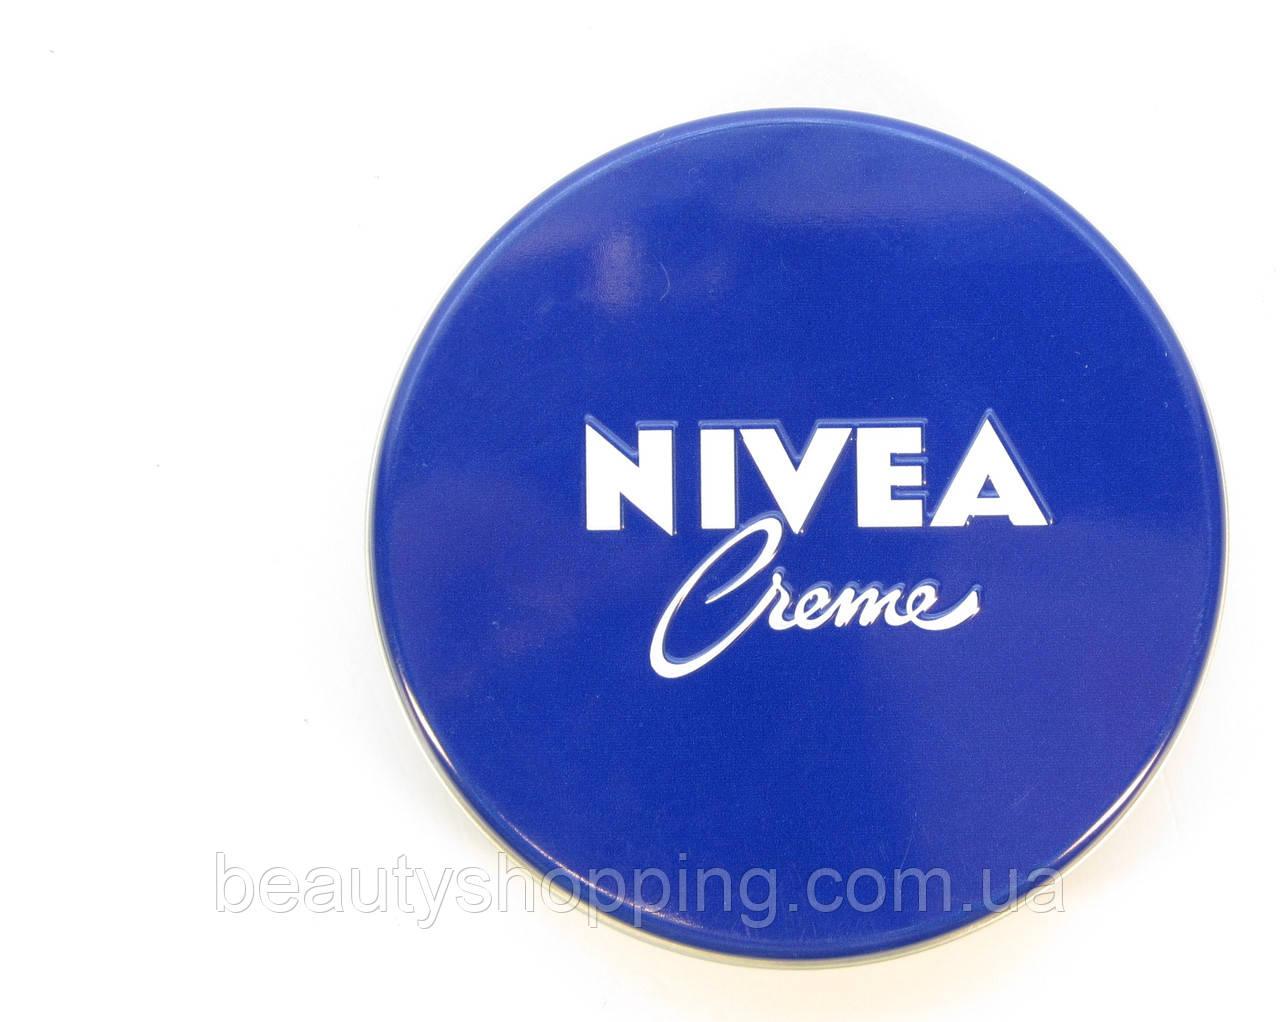 Крем универсальный увлажняющий Nivea 75 мл